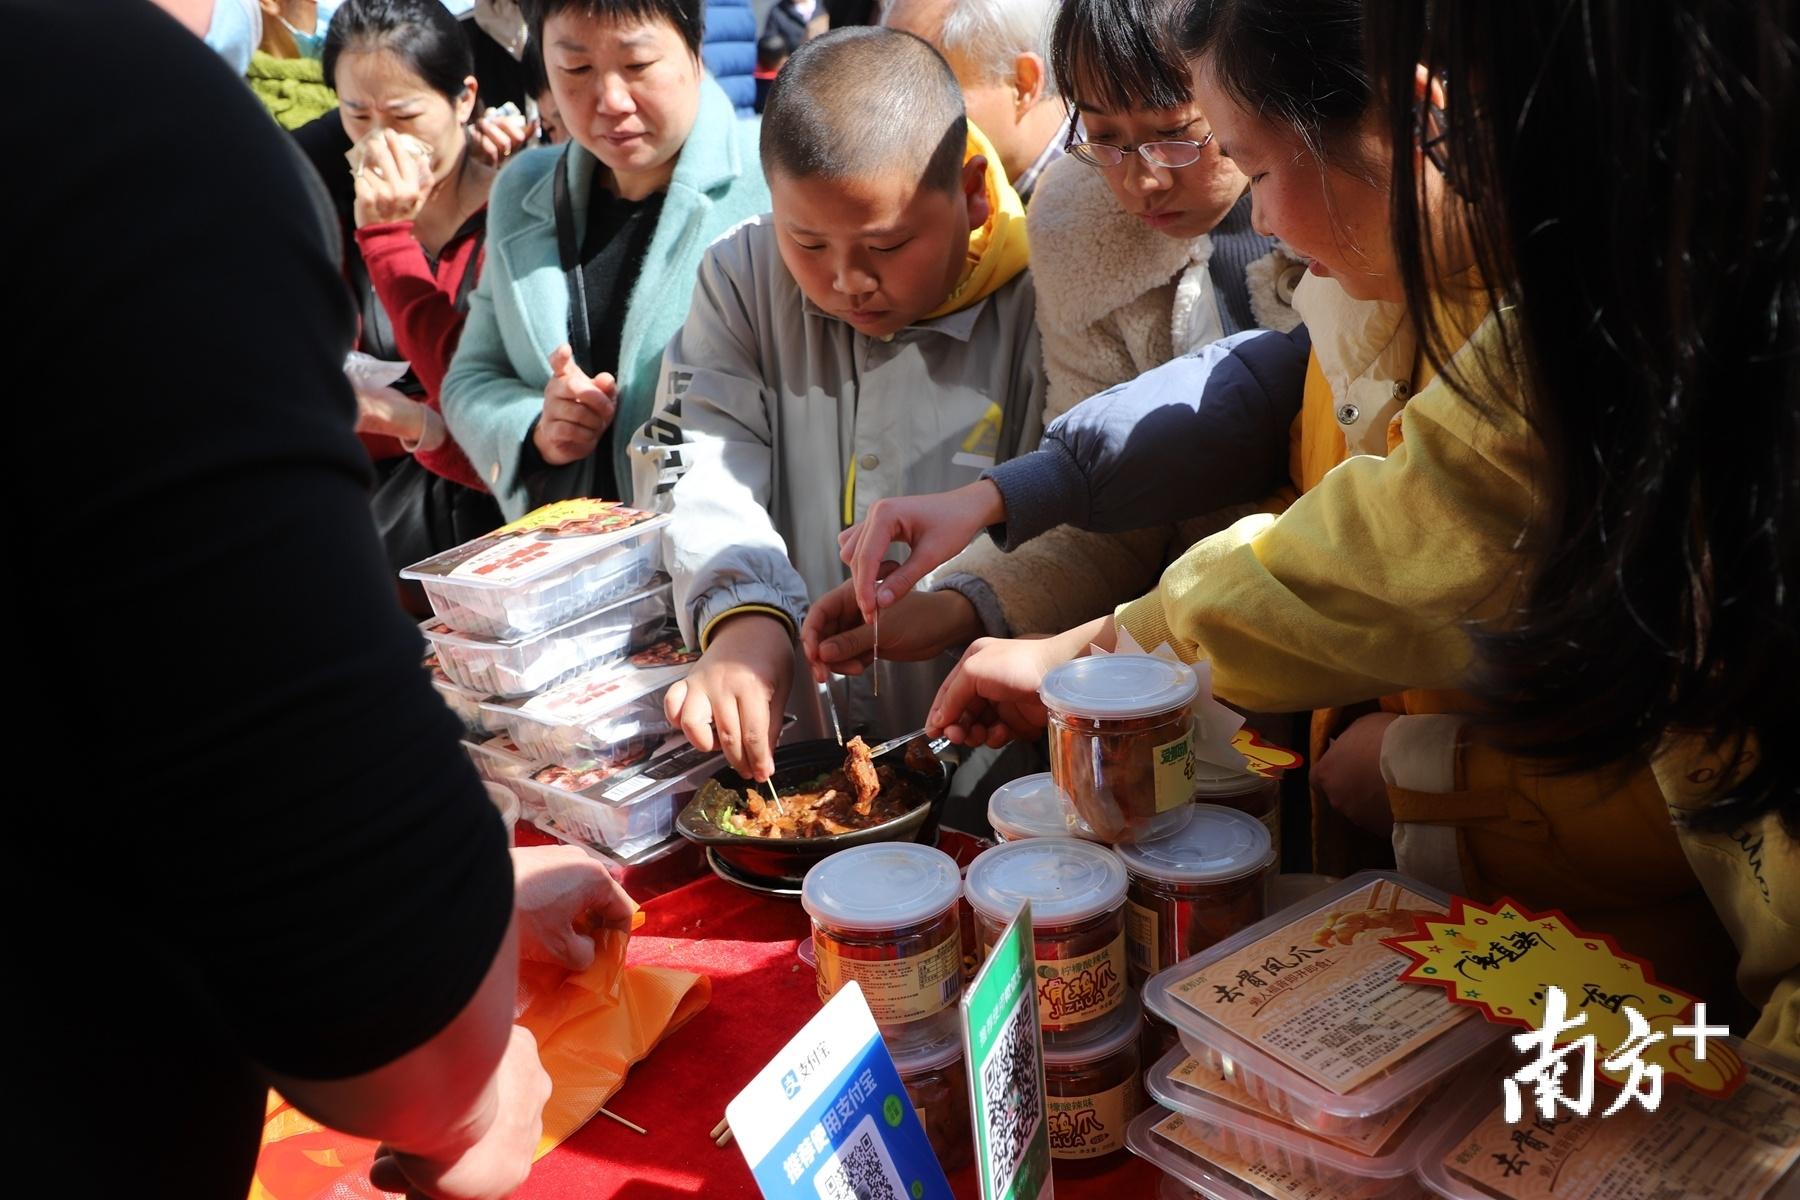 市民、游客现场品尝美食。